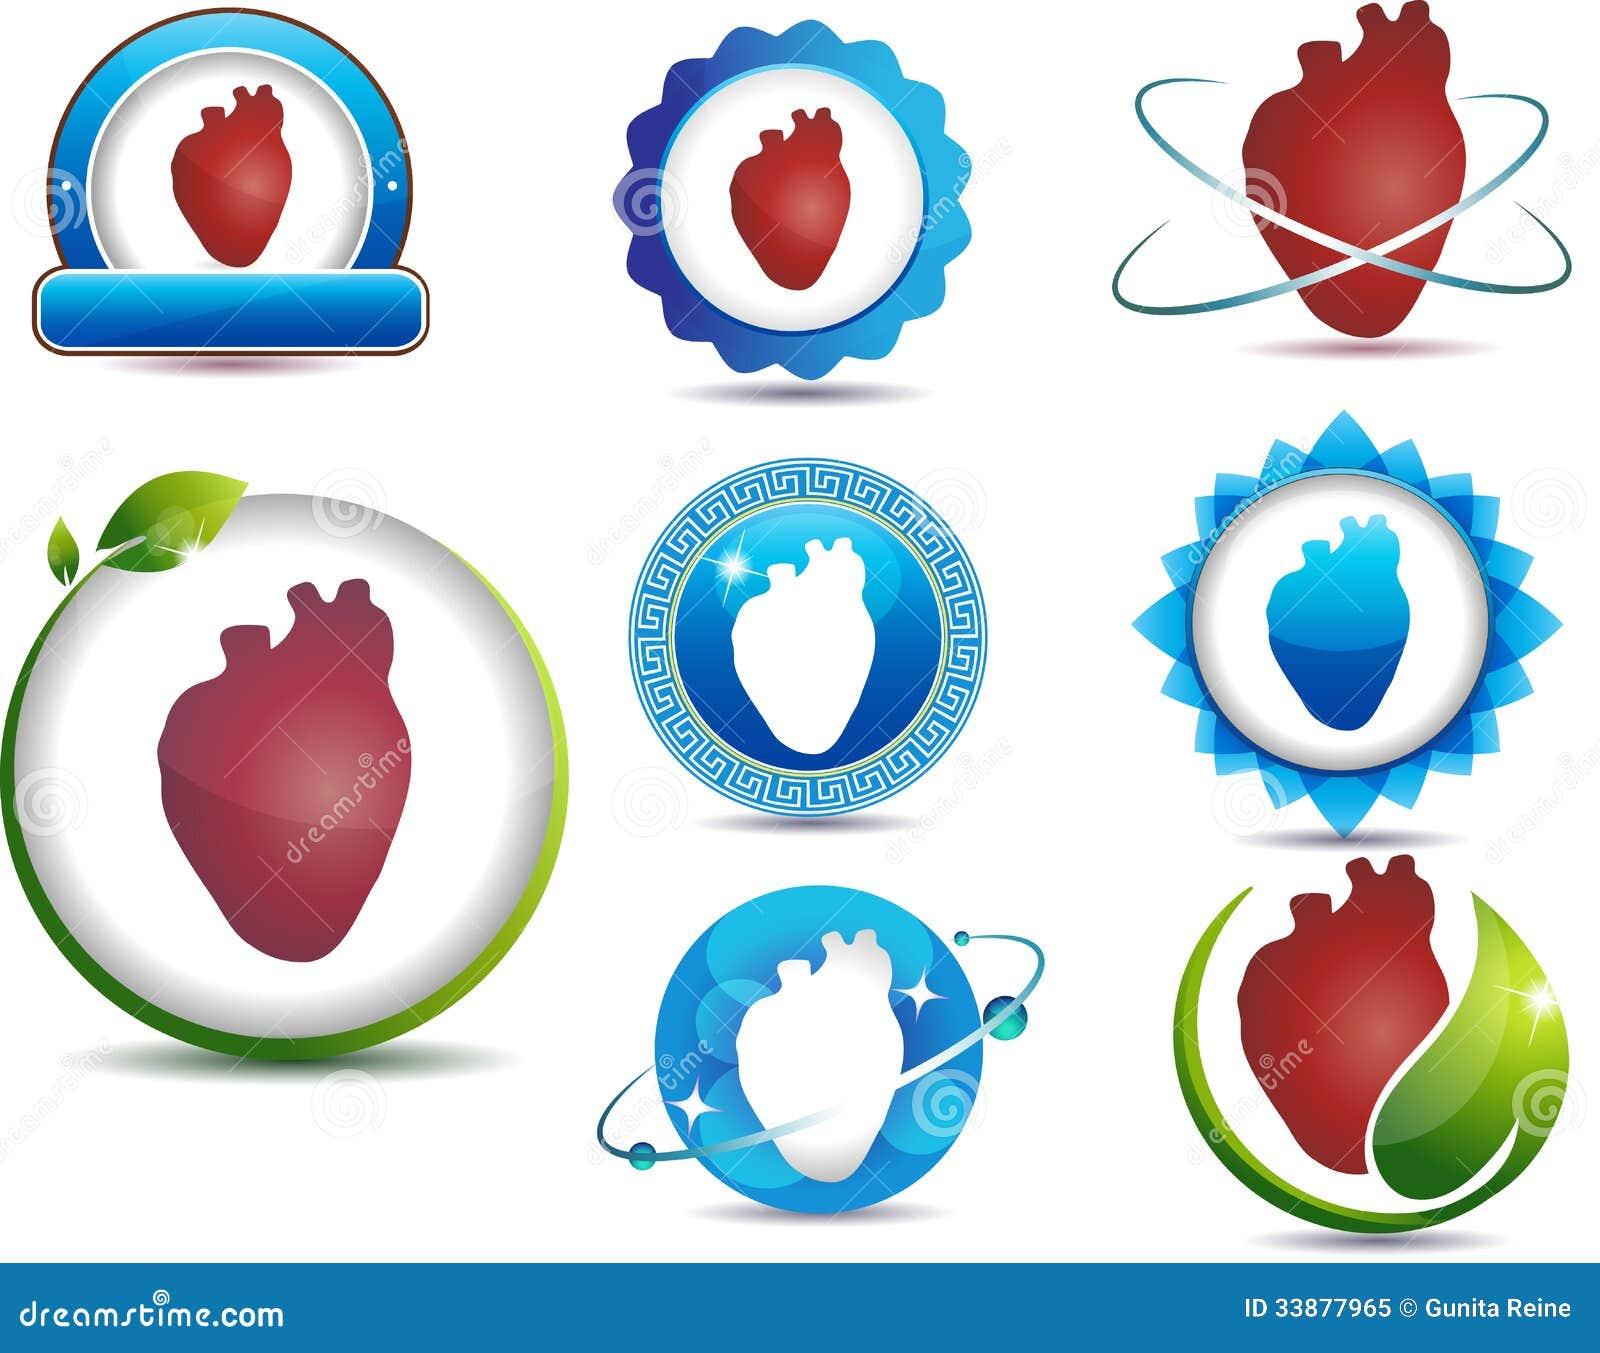 Protection Symbols Heart anatomy symbols